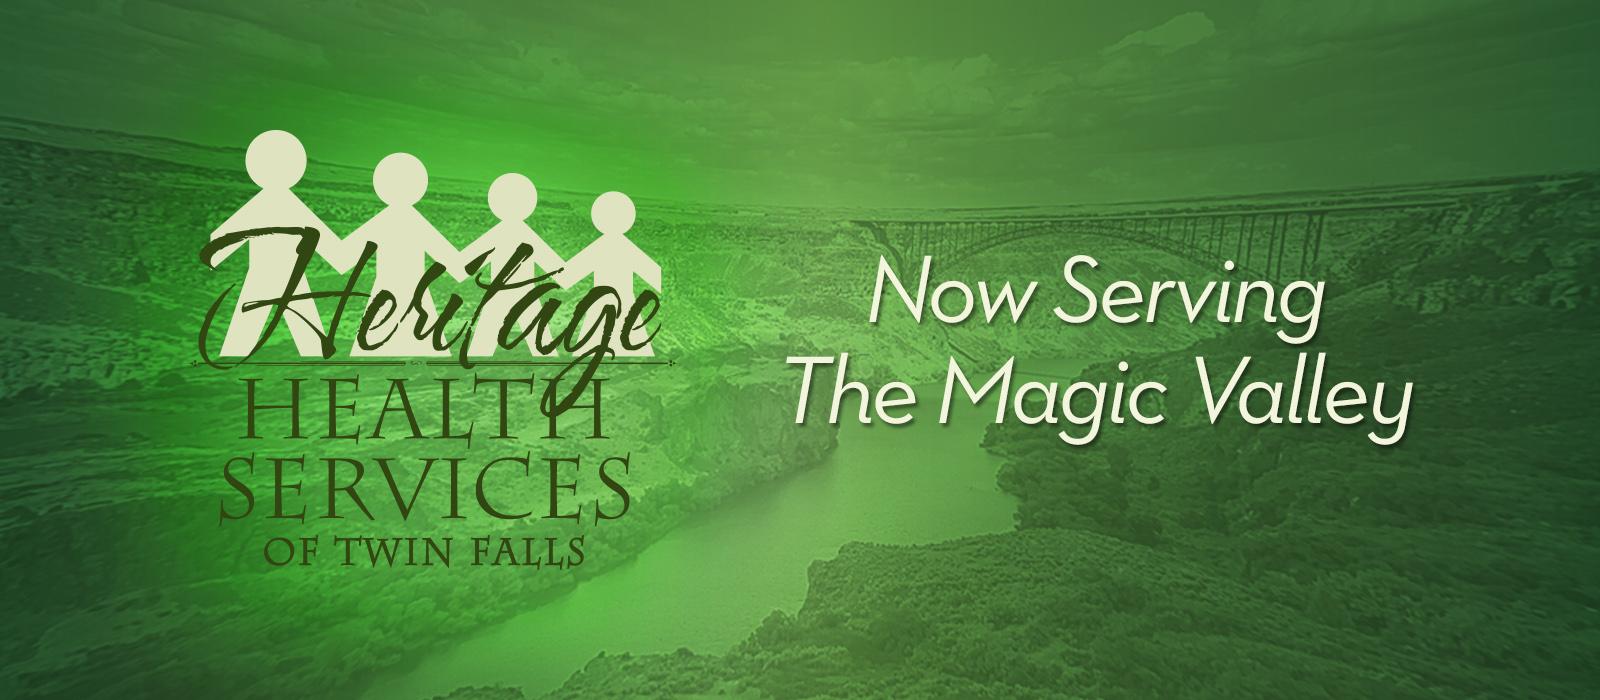 Heritage_Twin_Falls